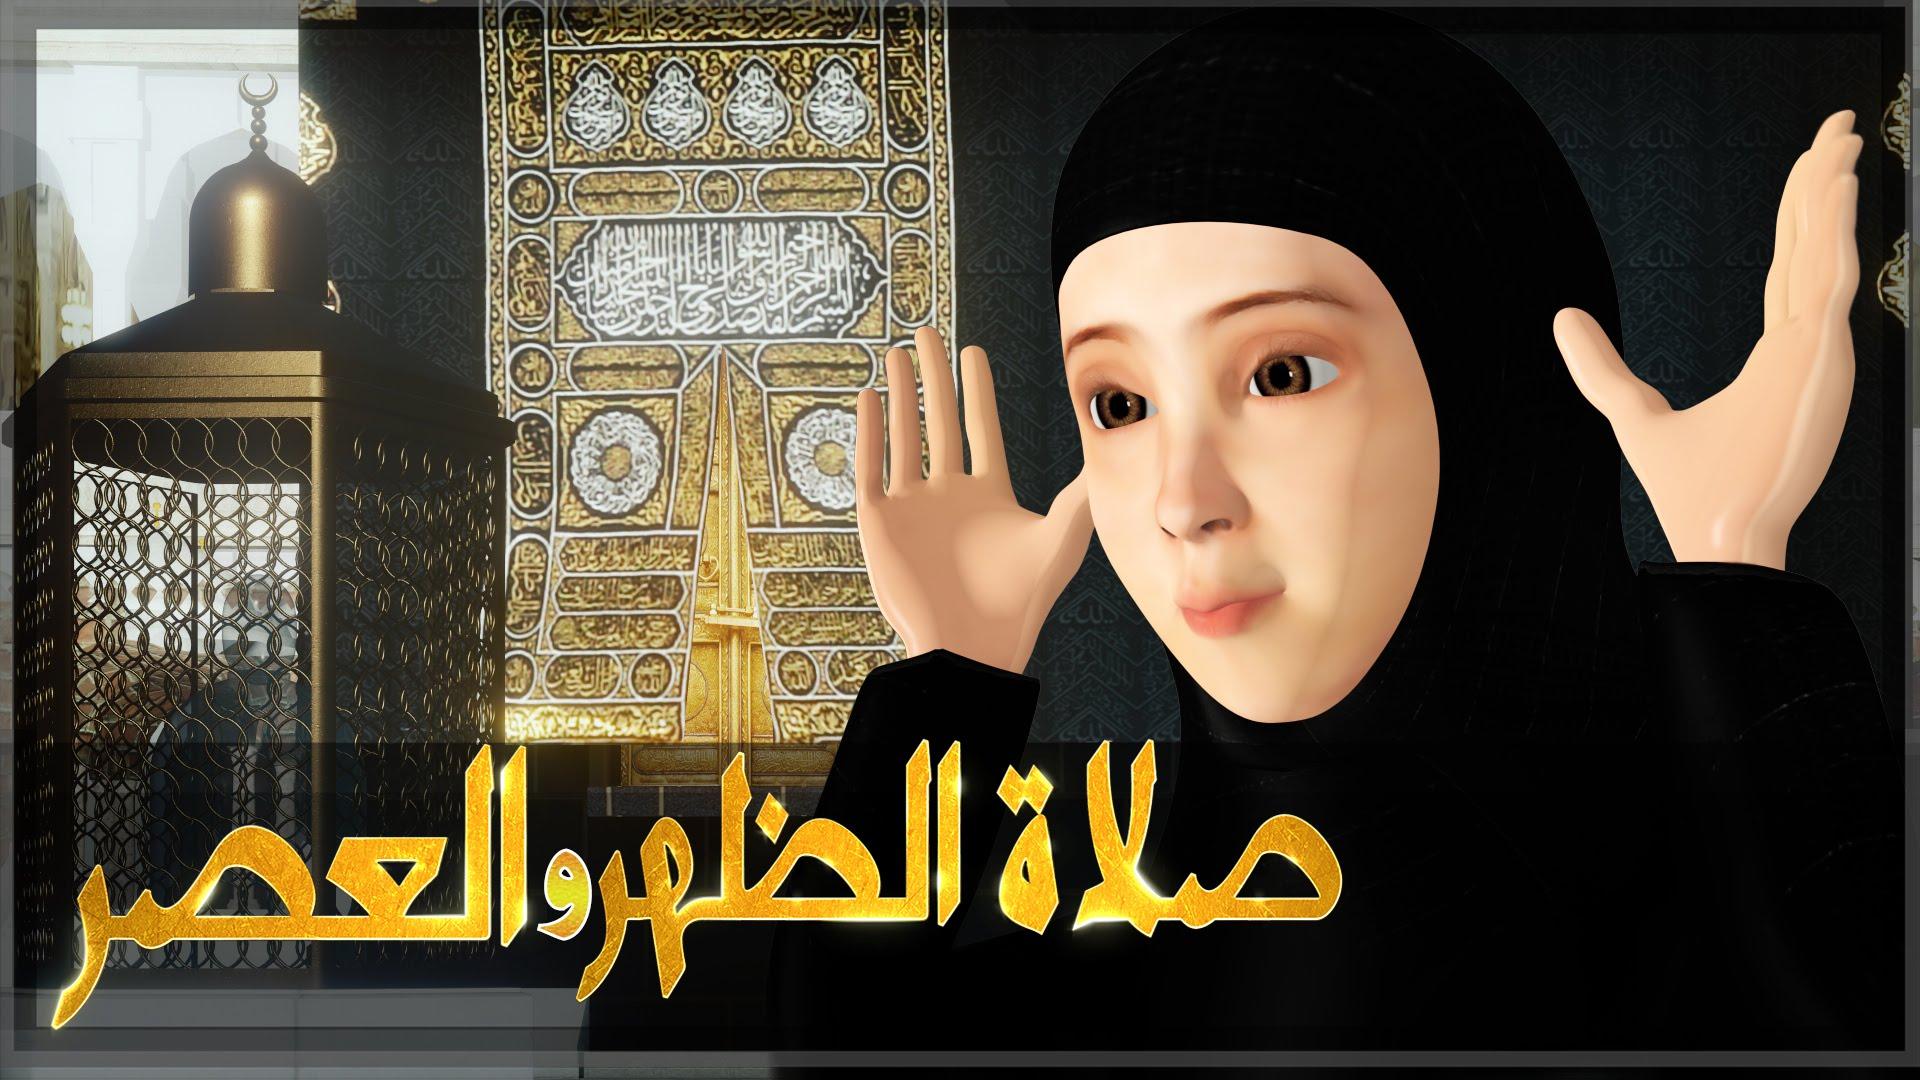 بالصور طريقة الصلاة الصحيحة بالصور , الطريقه الصحيحه للصلاه 3682 3